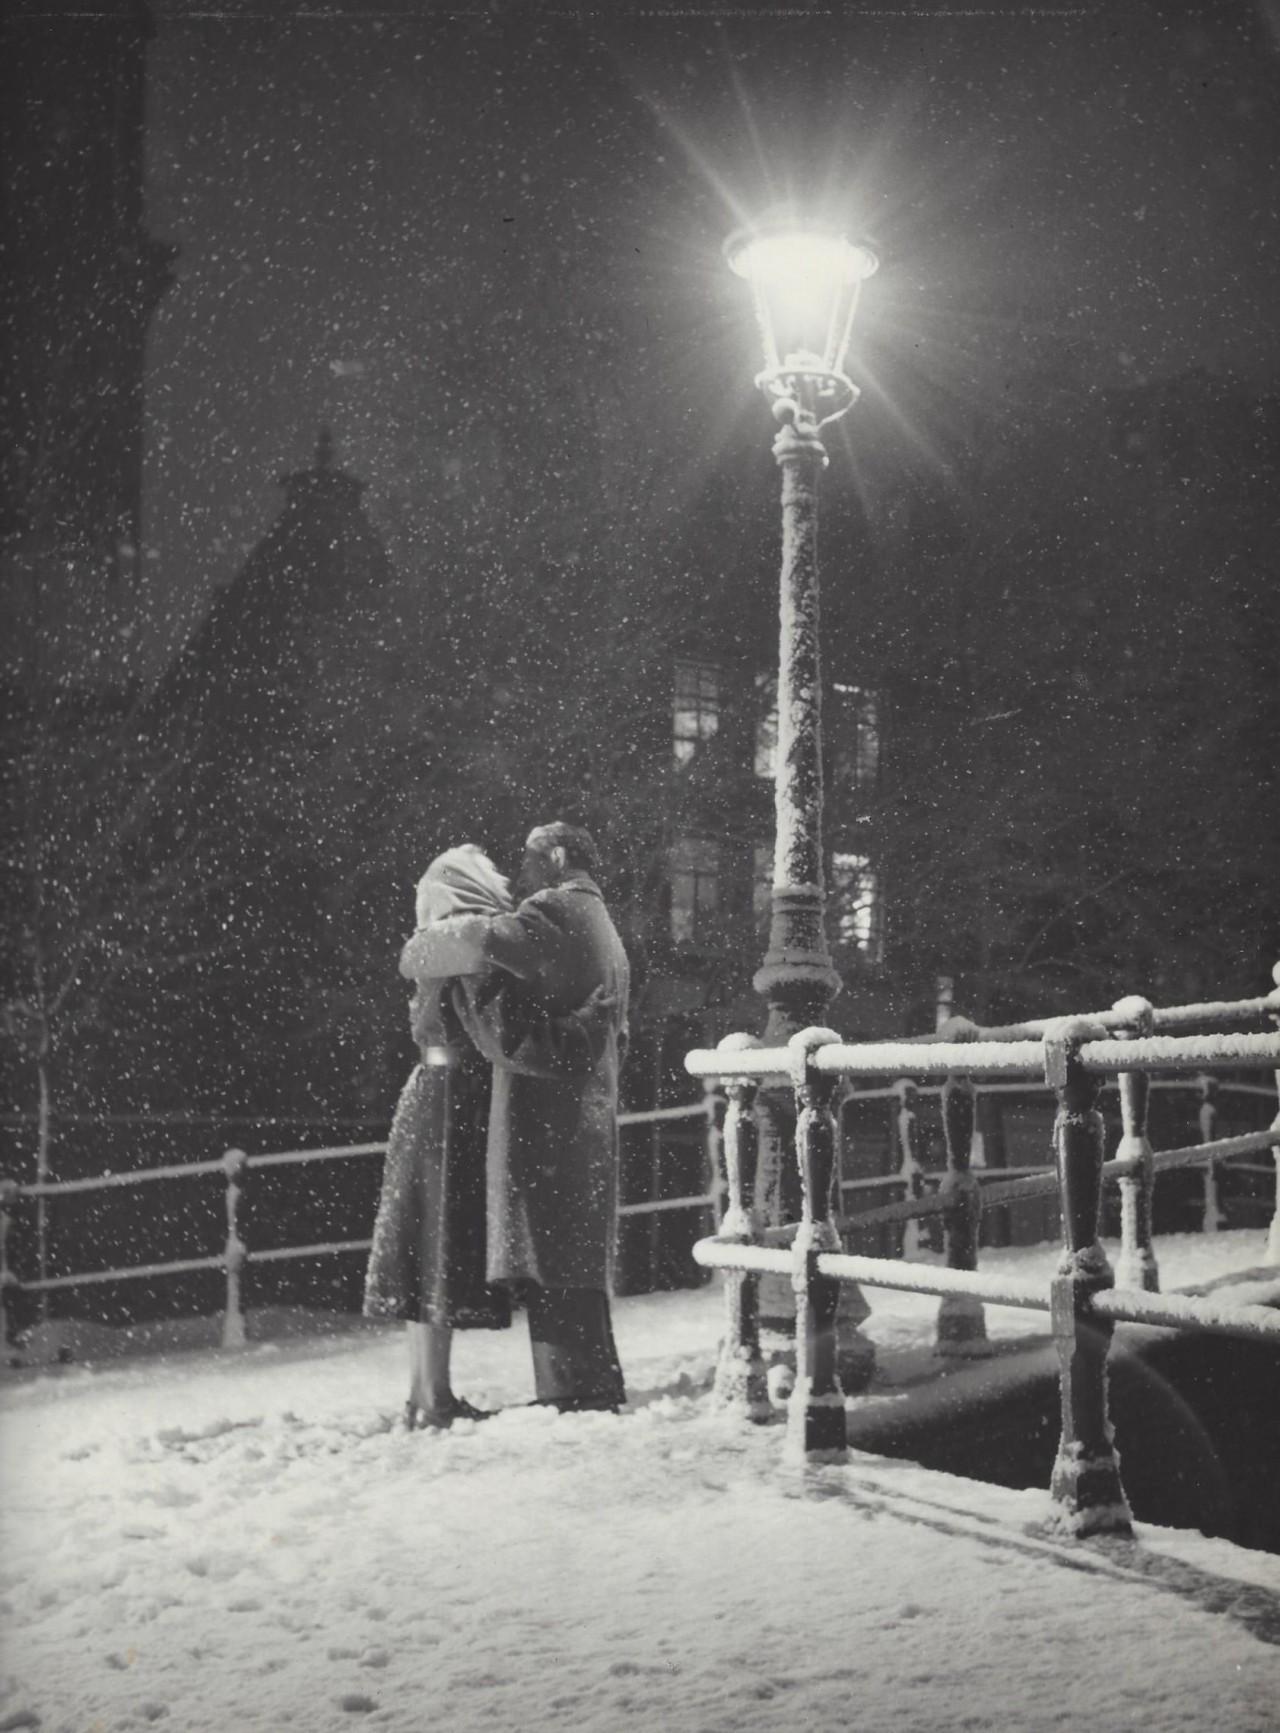 Любовь и снег, Амстердам, 1950-е. Фотограф Кис Шерер